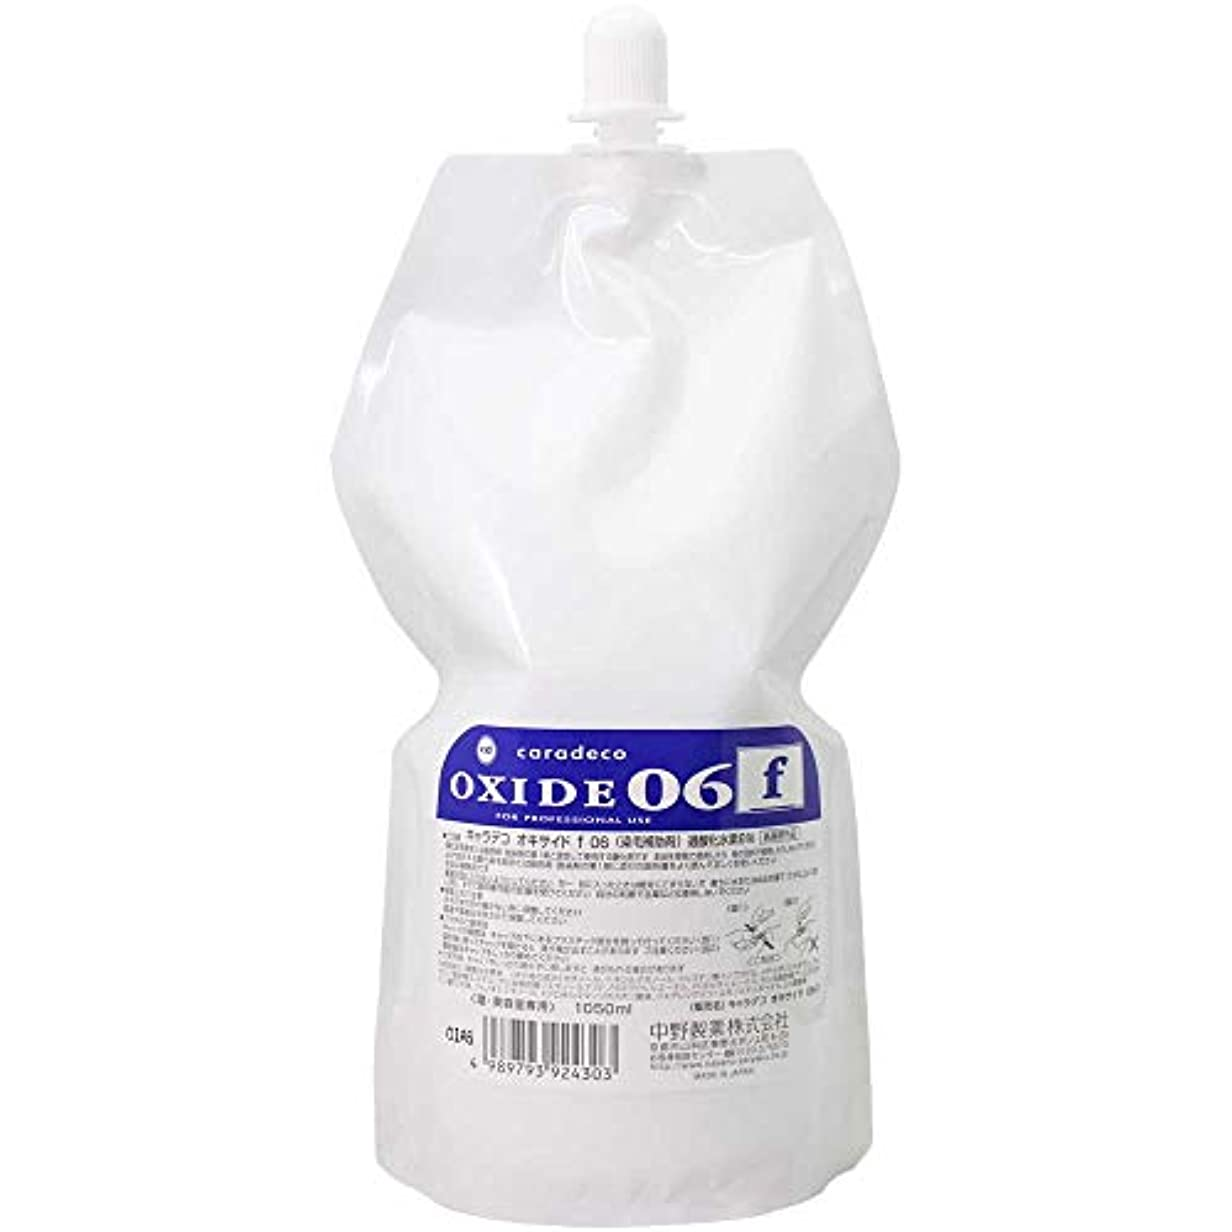 塊キッチン鉛筆【ナカノ】キャラデコ オキサイドf 06 第2剤 (過酸化水素6%) 1050ml